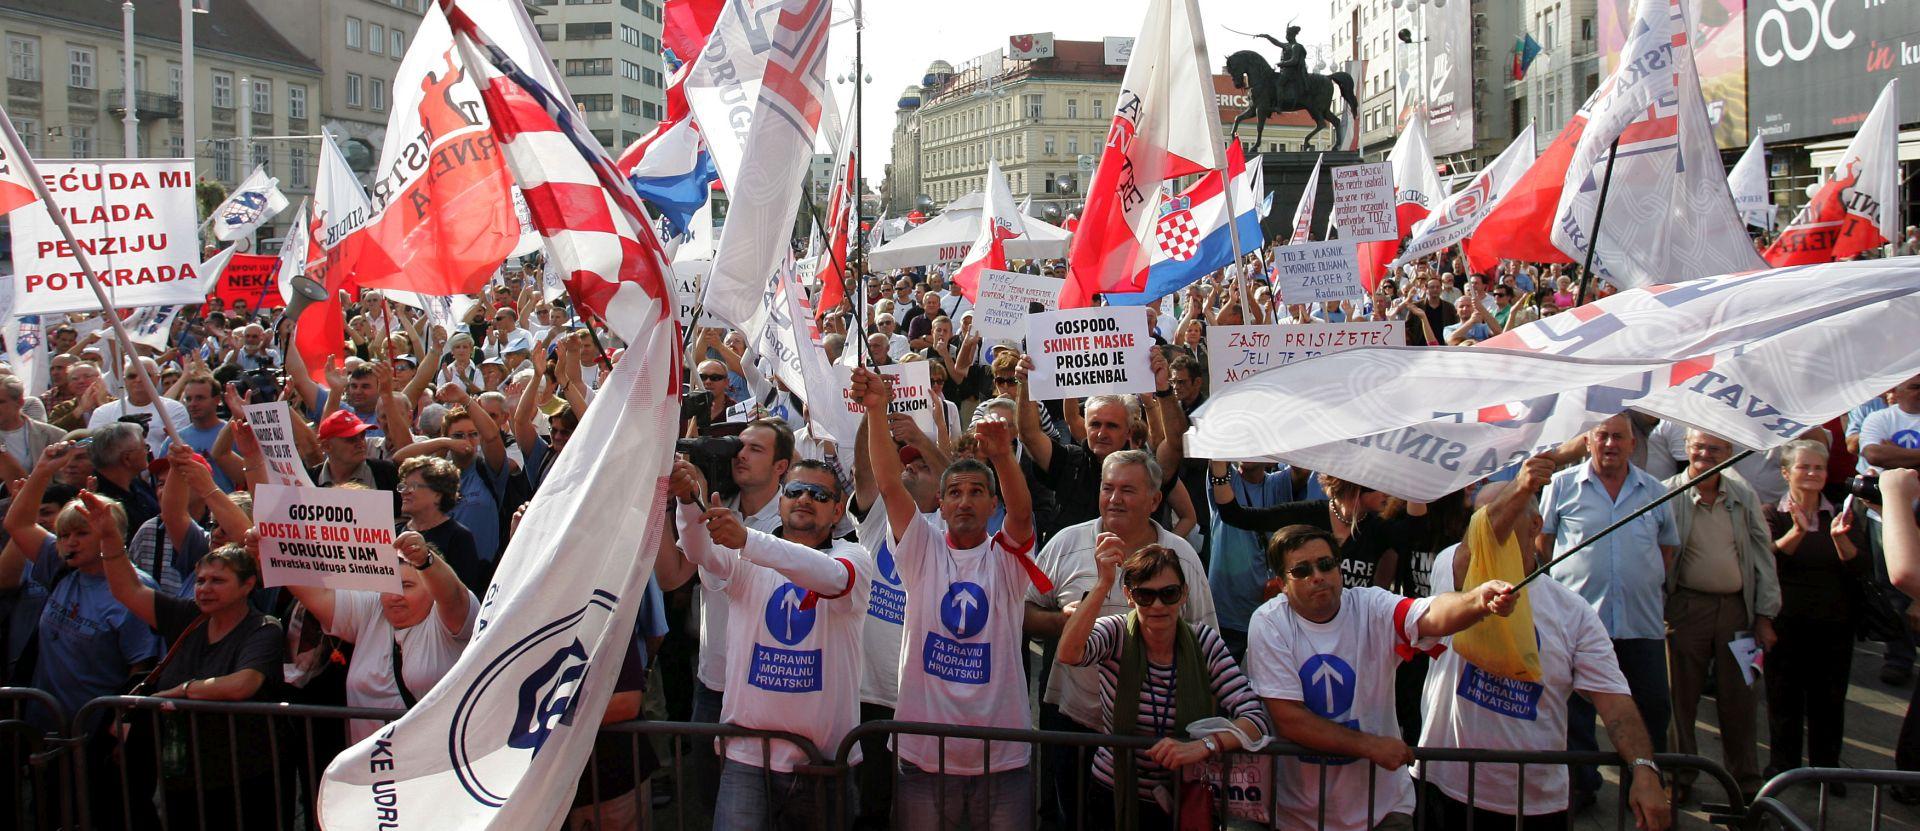 HURS čestita radnicima 1. svibnja, koji obilježava lokalno